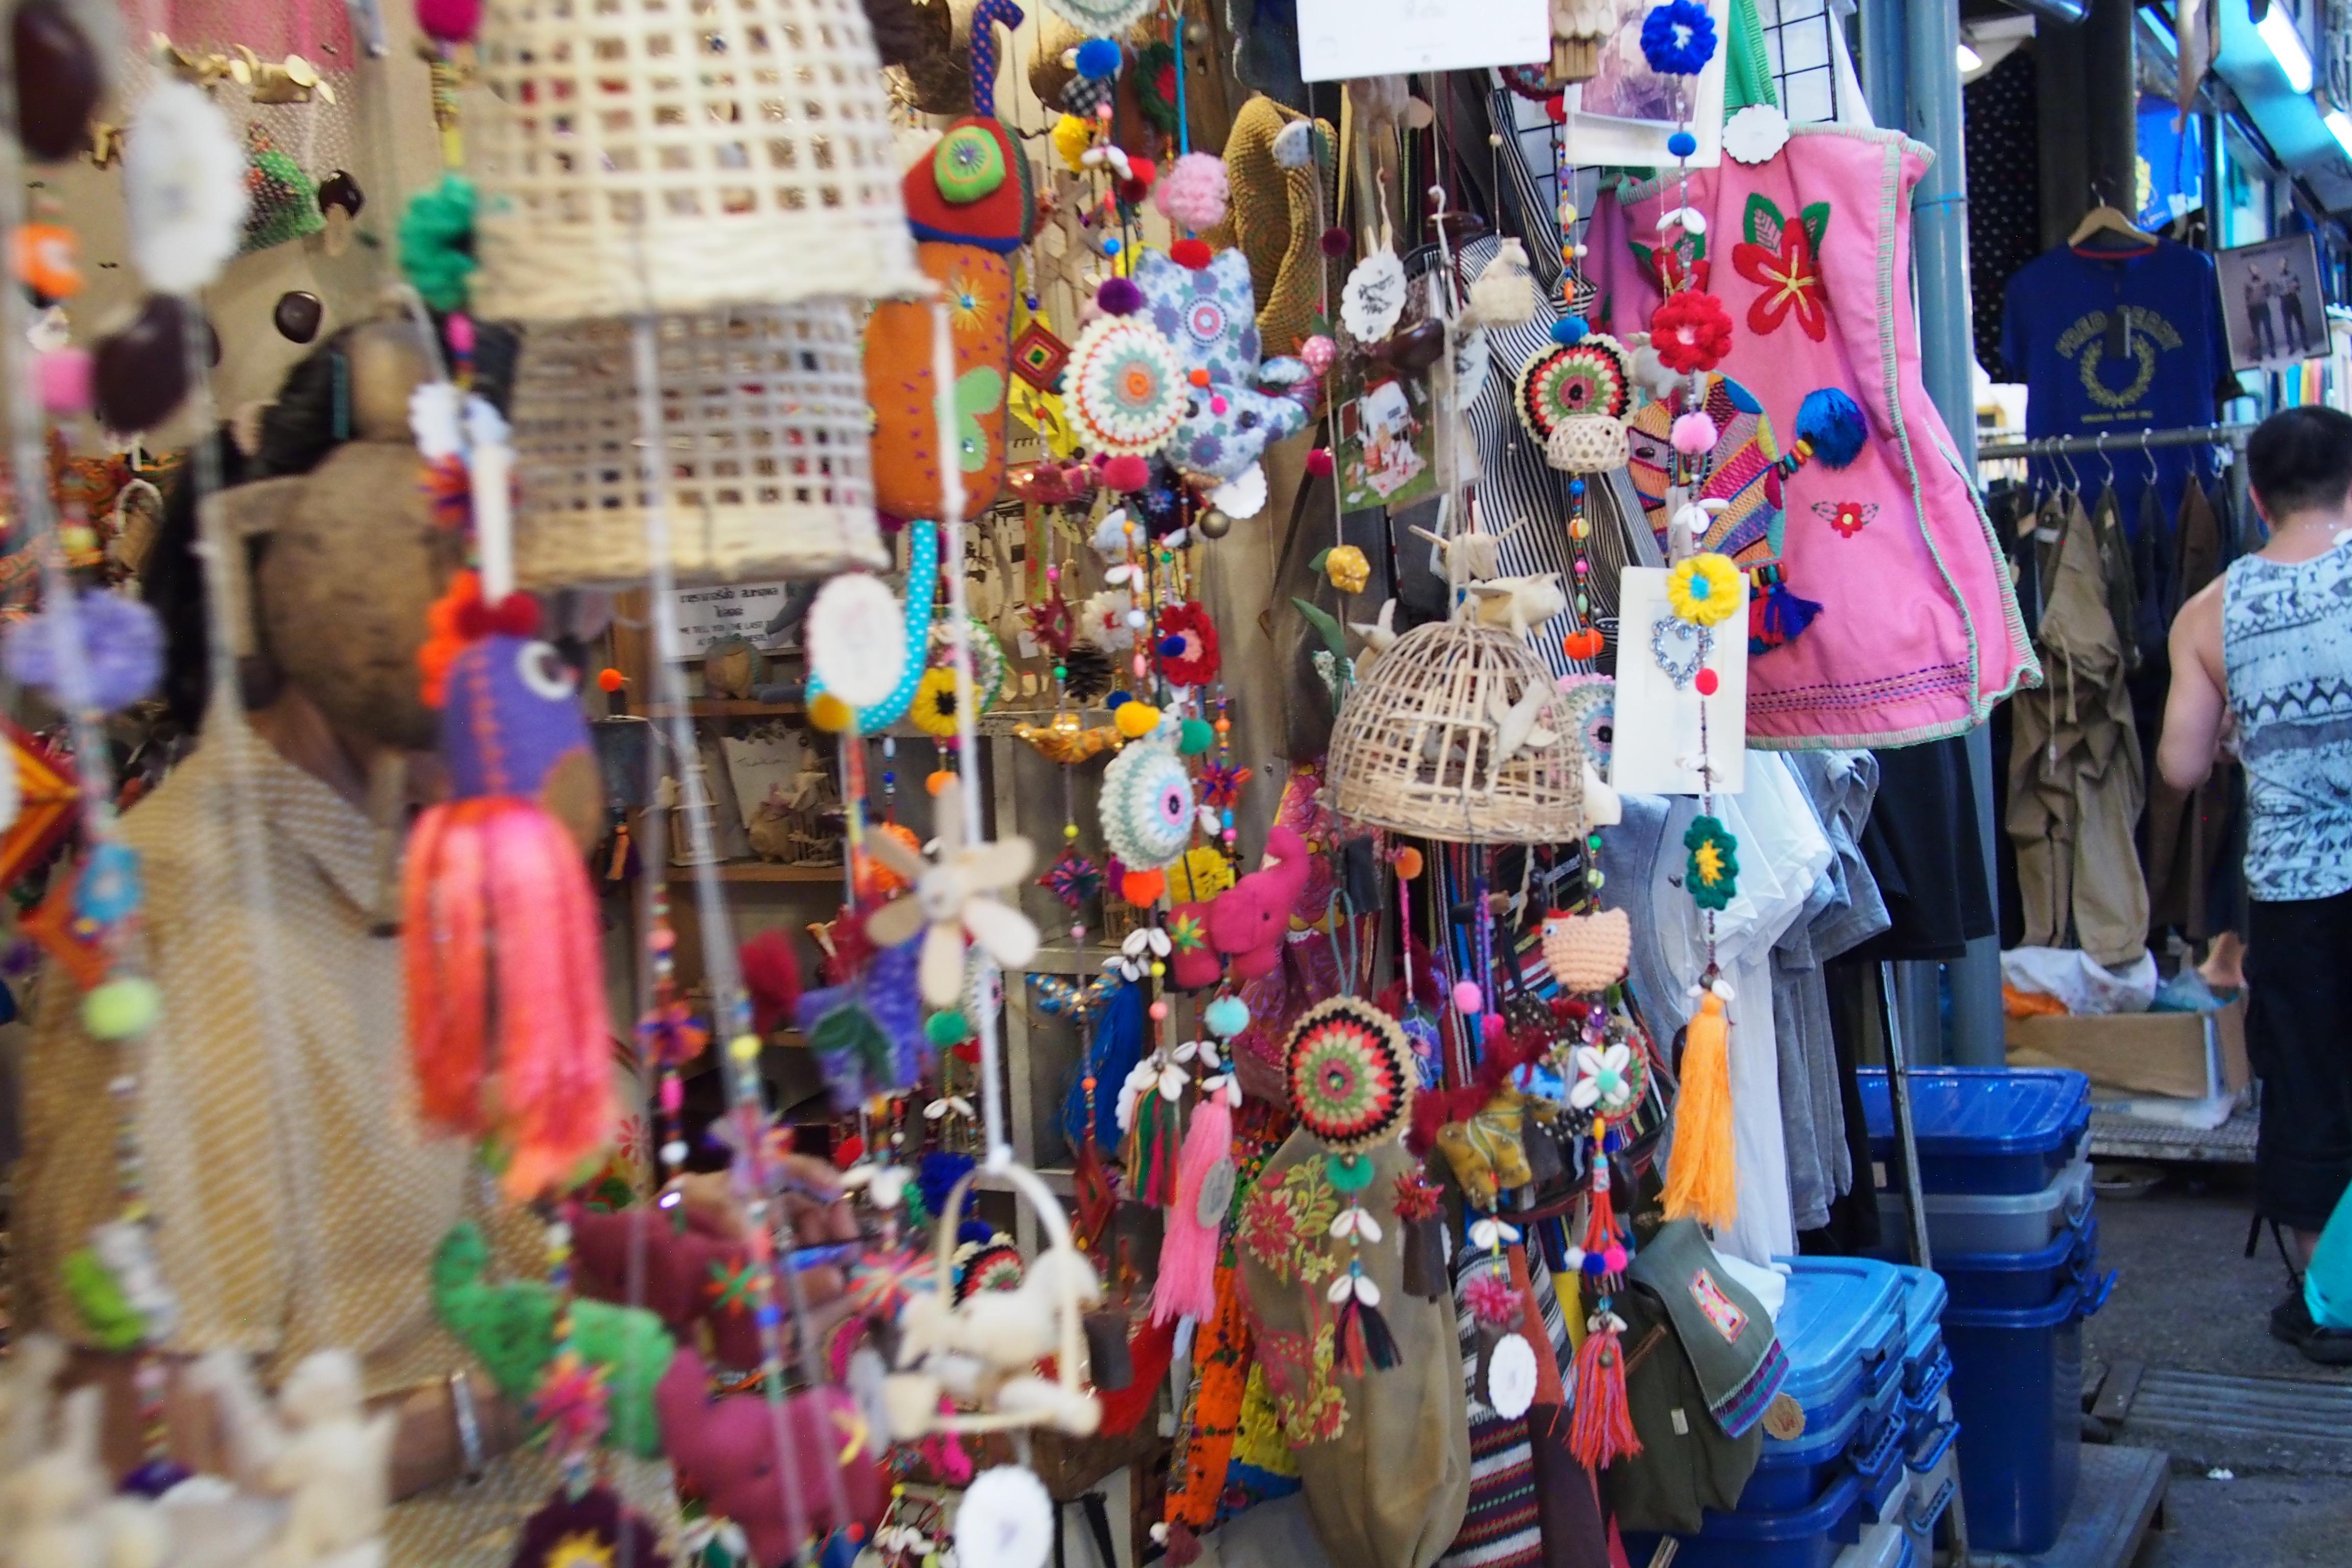 Shops at Chatuchake Market